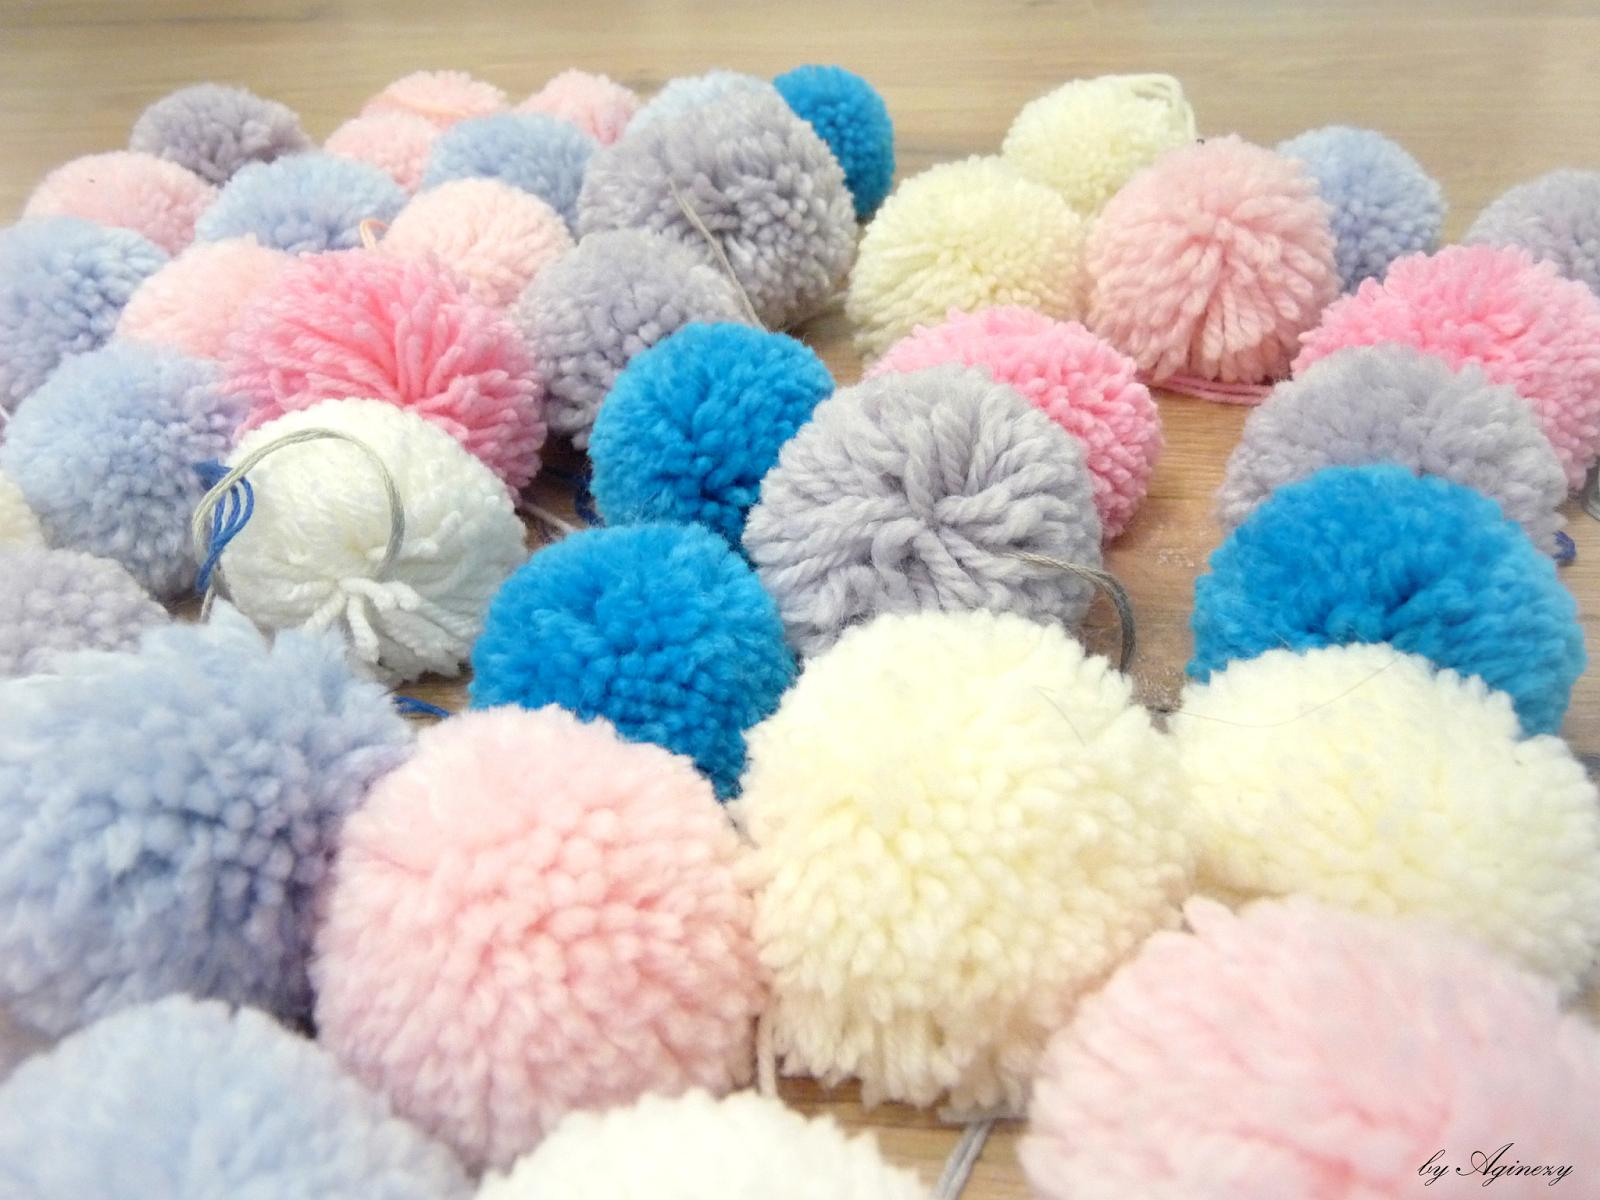 como hacer una alfombra de pompones en casa, manualidades originales para decorar el hogar paso a paso